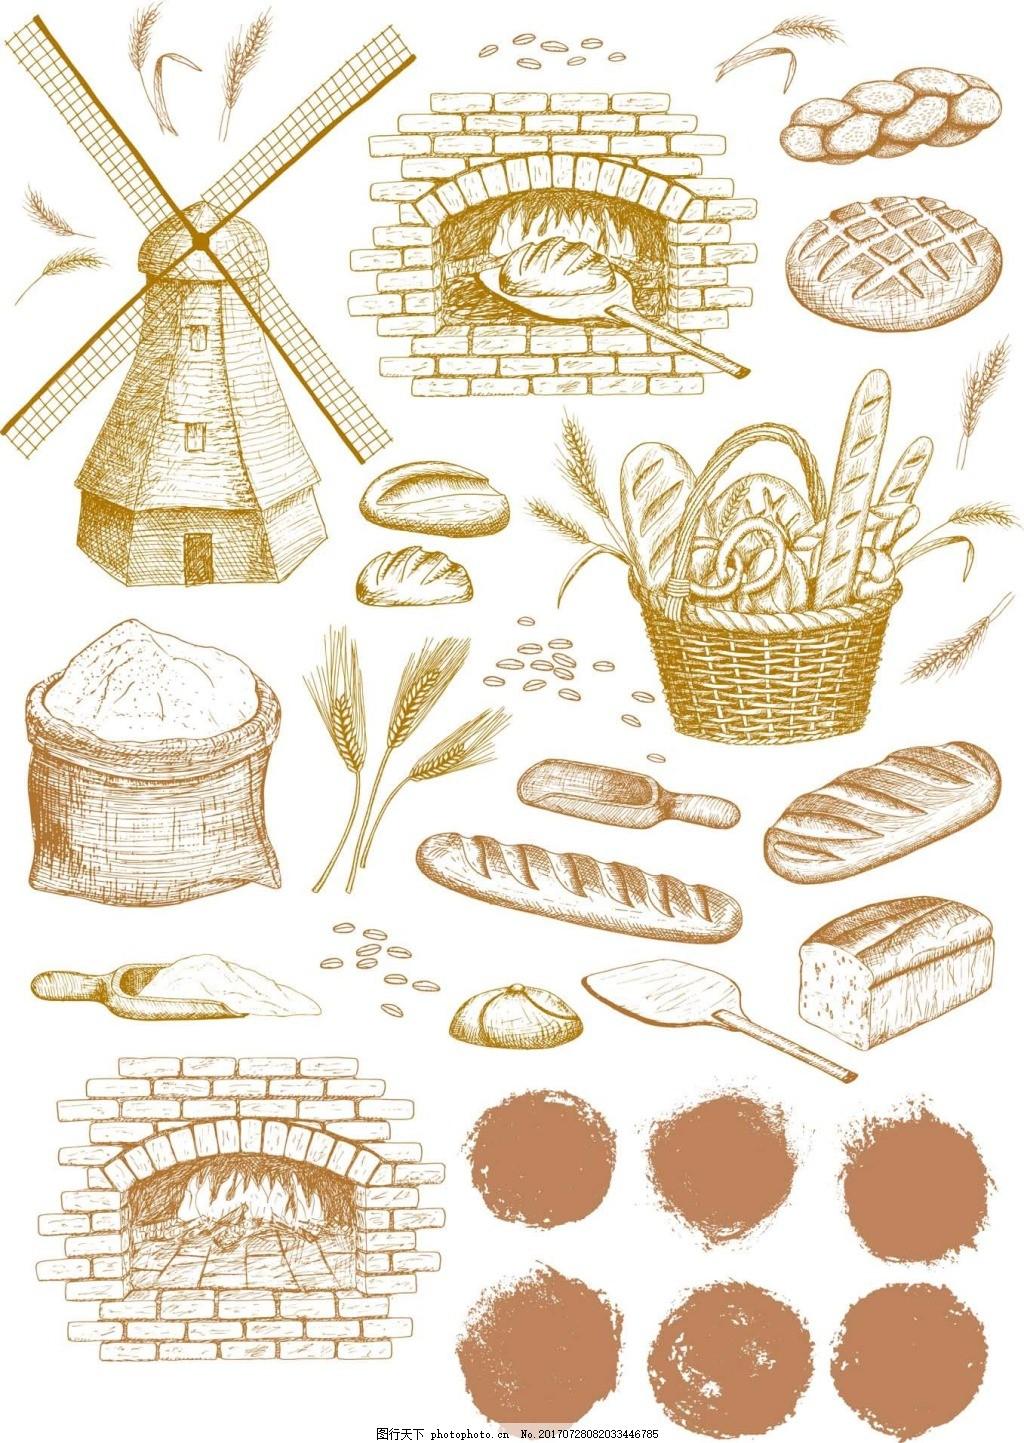 时尚烘焙手绘插画 风车 小麦 面包 面粉 烘烤炉 全麦 蛋糕